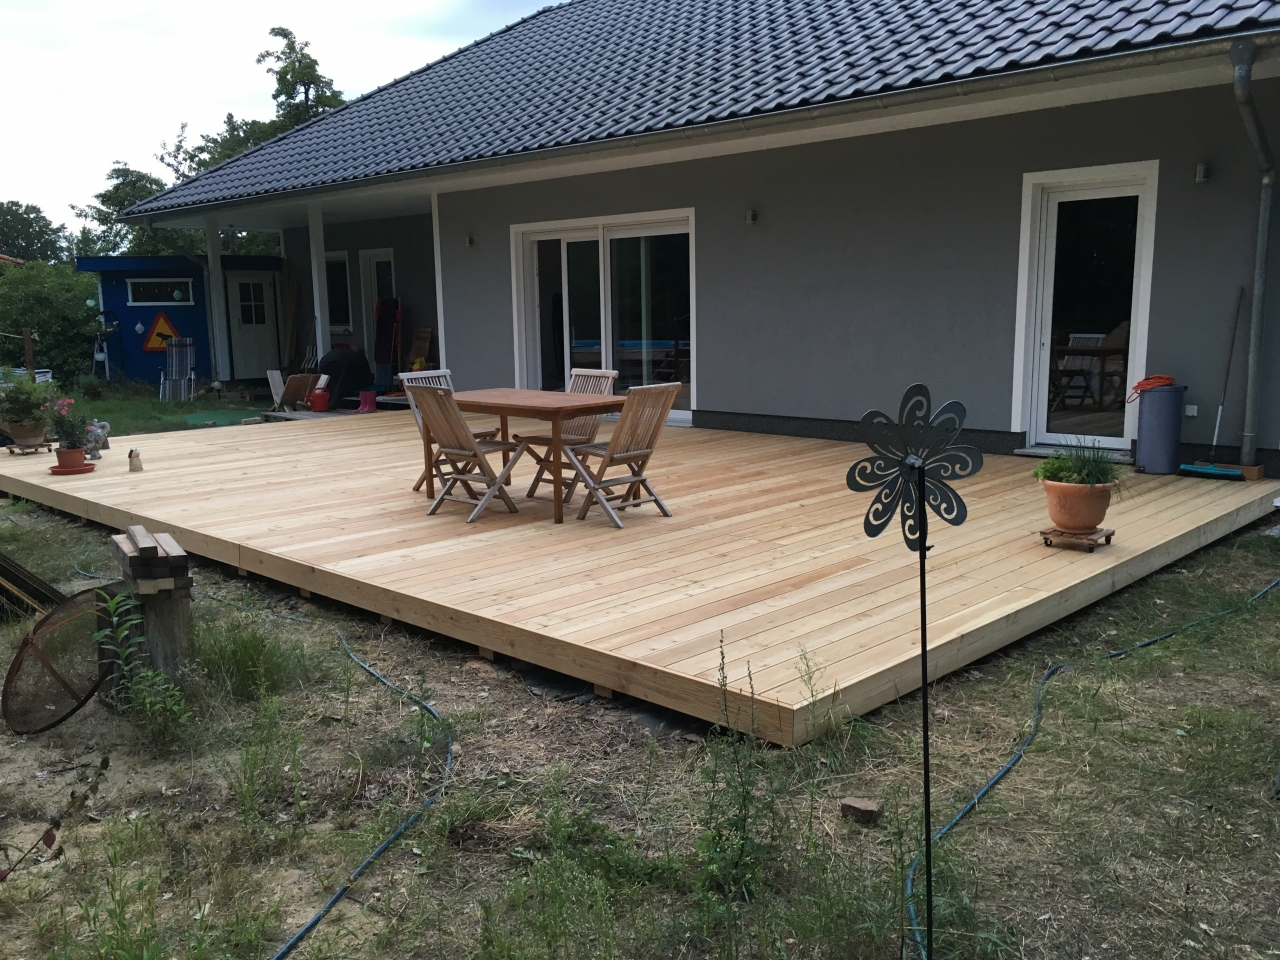 Terrasse bauen   Bauanleitung zum Selberbauen   211 21 do.com   Deine ...